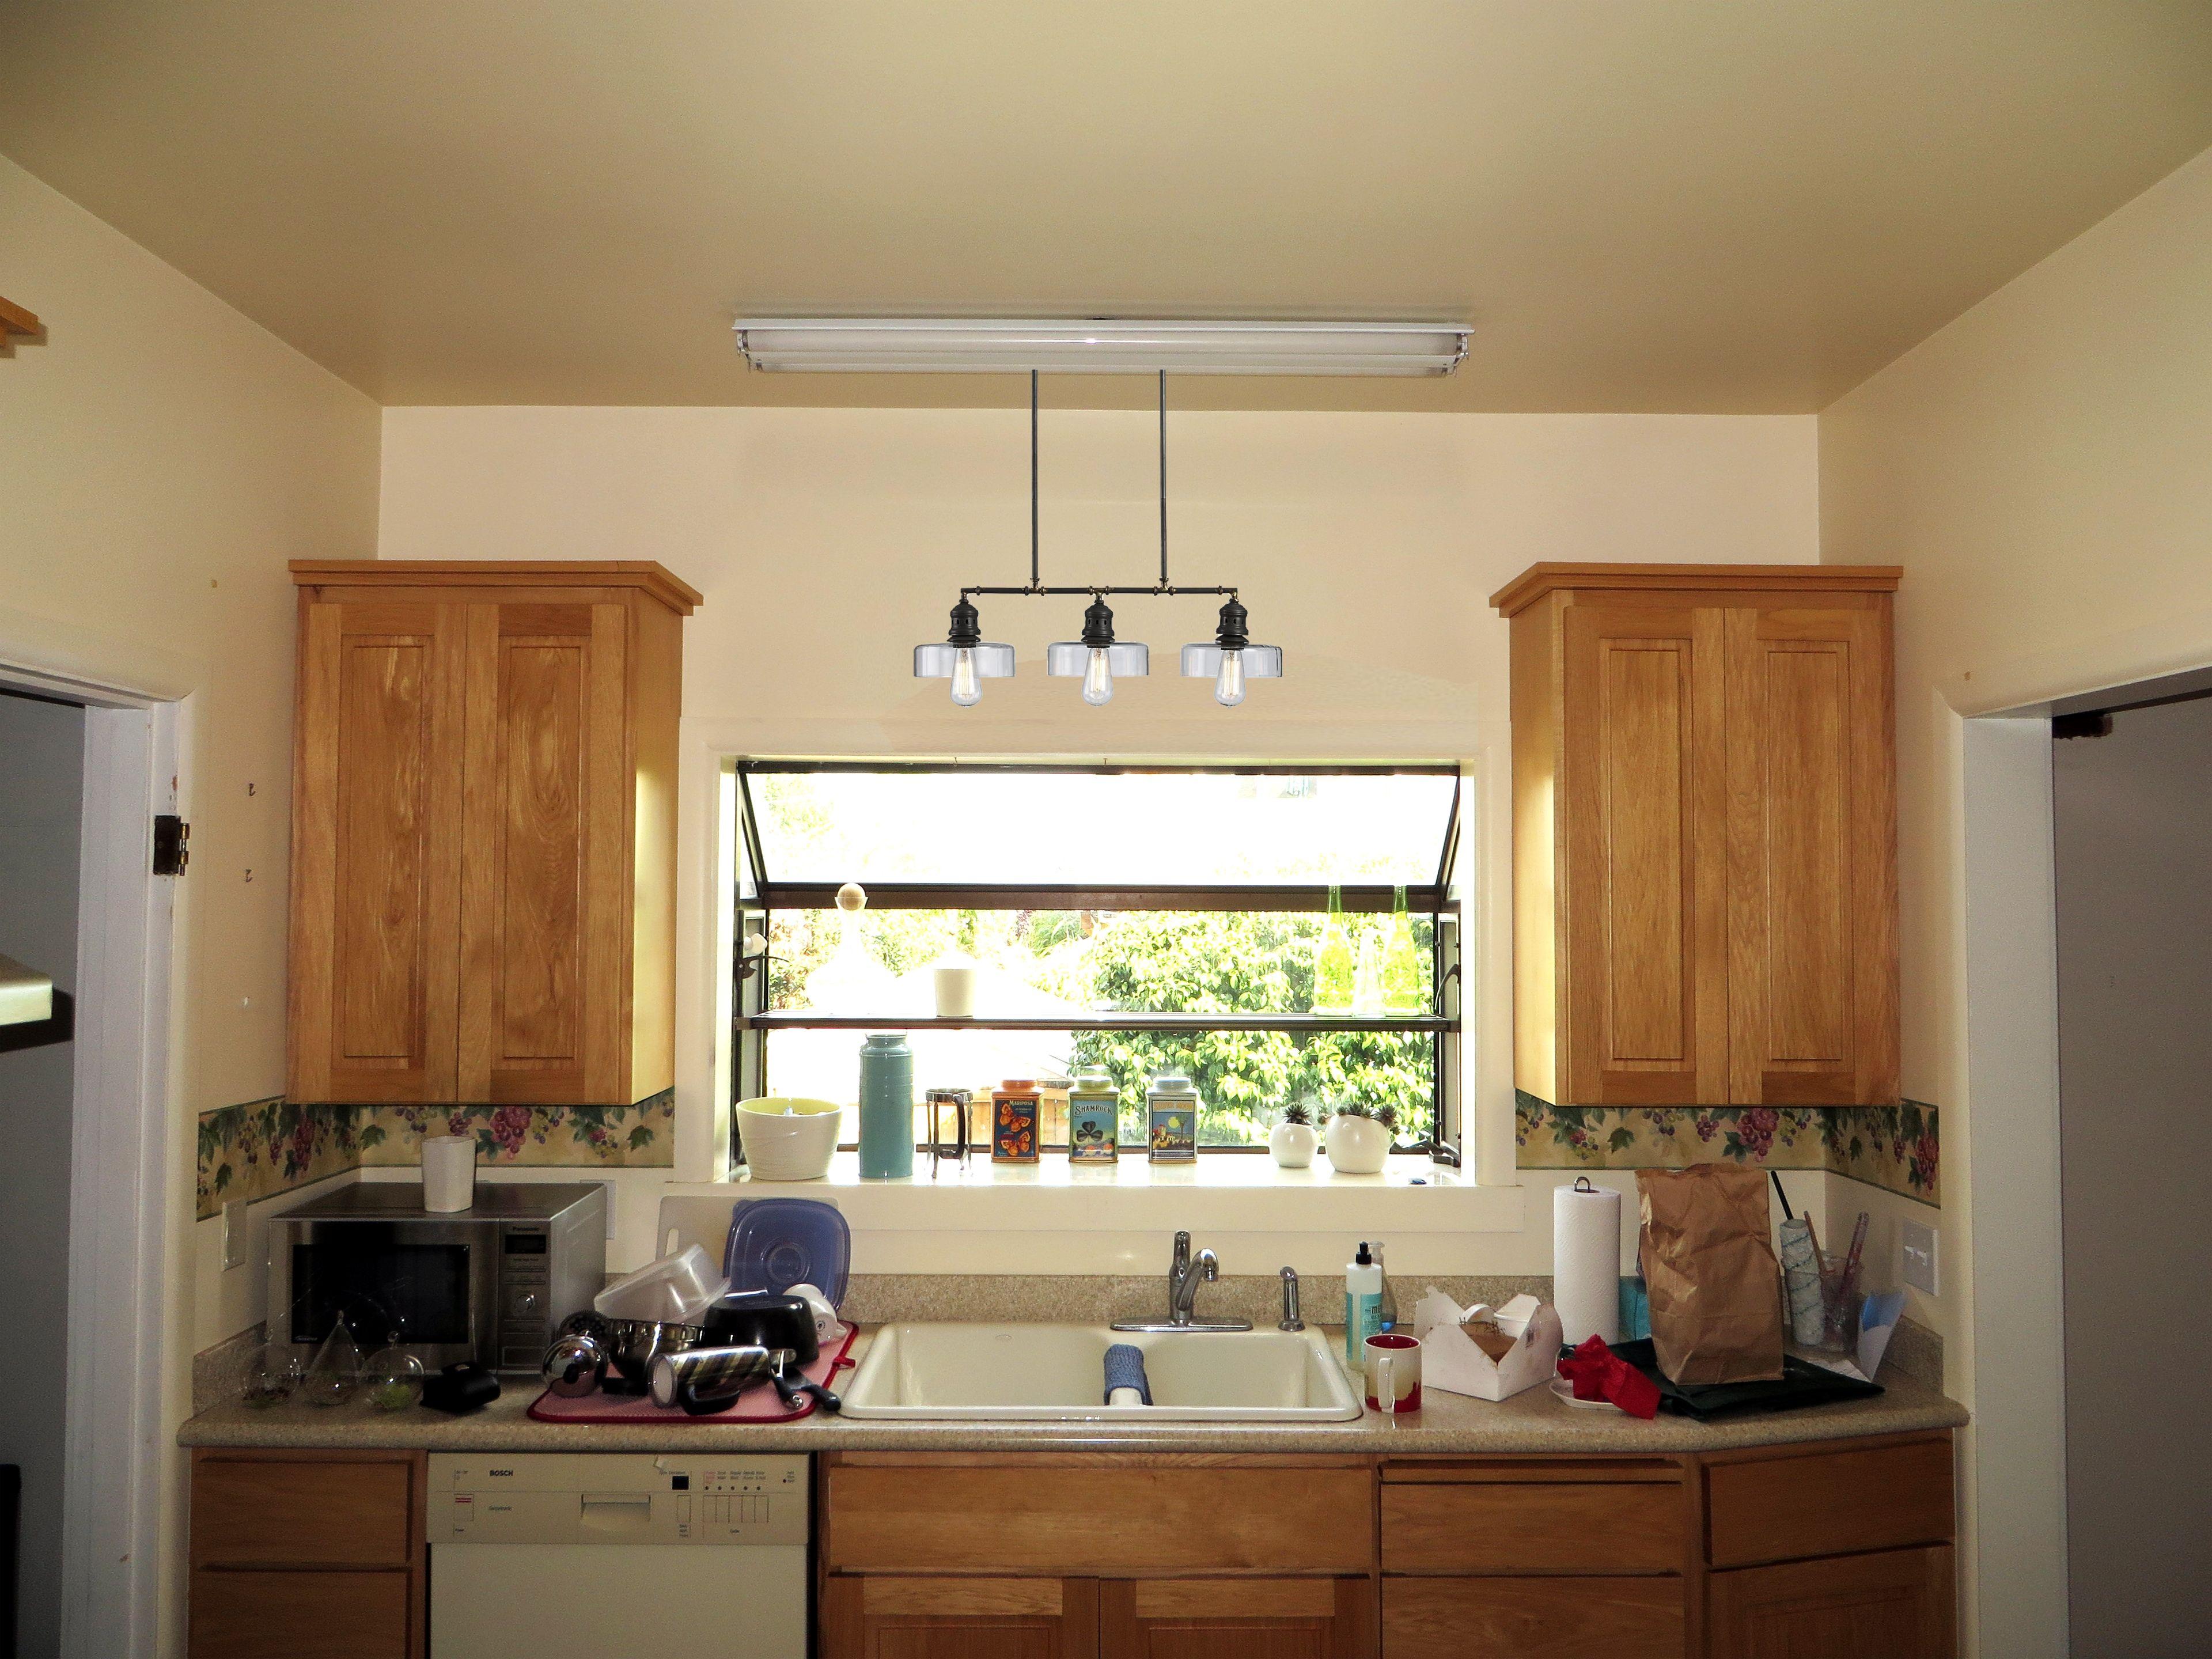 Einzigartig Über Dem Waschbecken Küche Licht Anhänger Beleuchtung Über  Küche Waschbecken Geschirr Wasser Kühler Küchen Einbauküchen Oder Nur  Untere Schränke ...